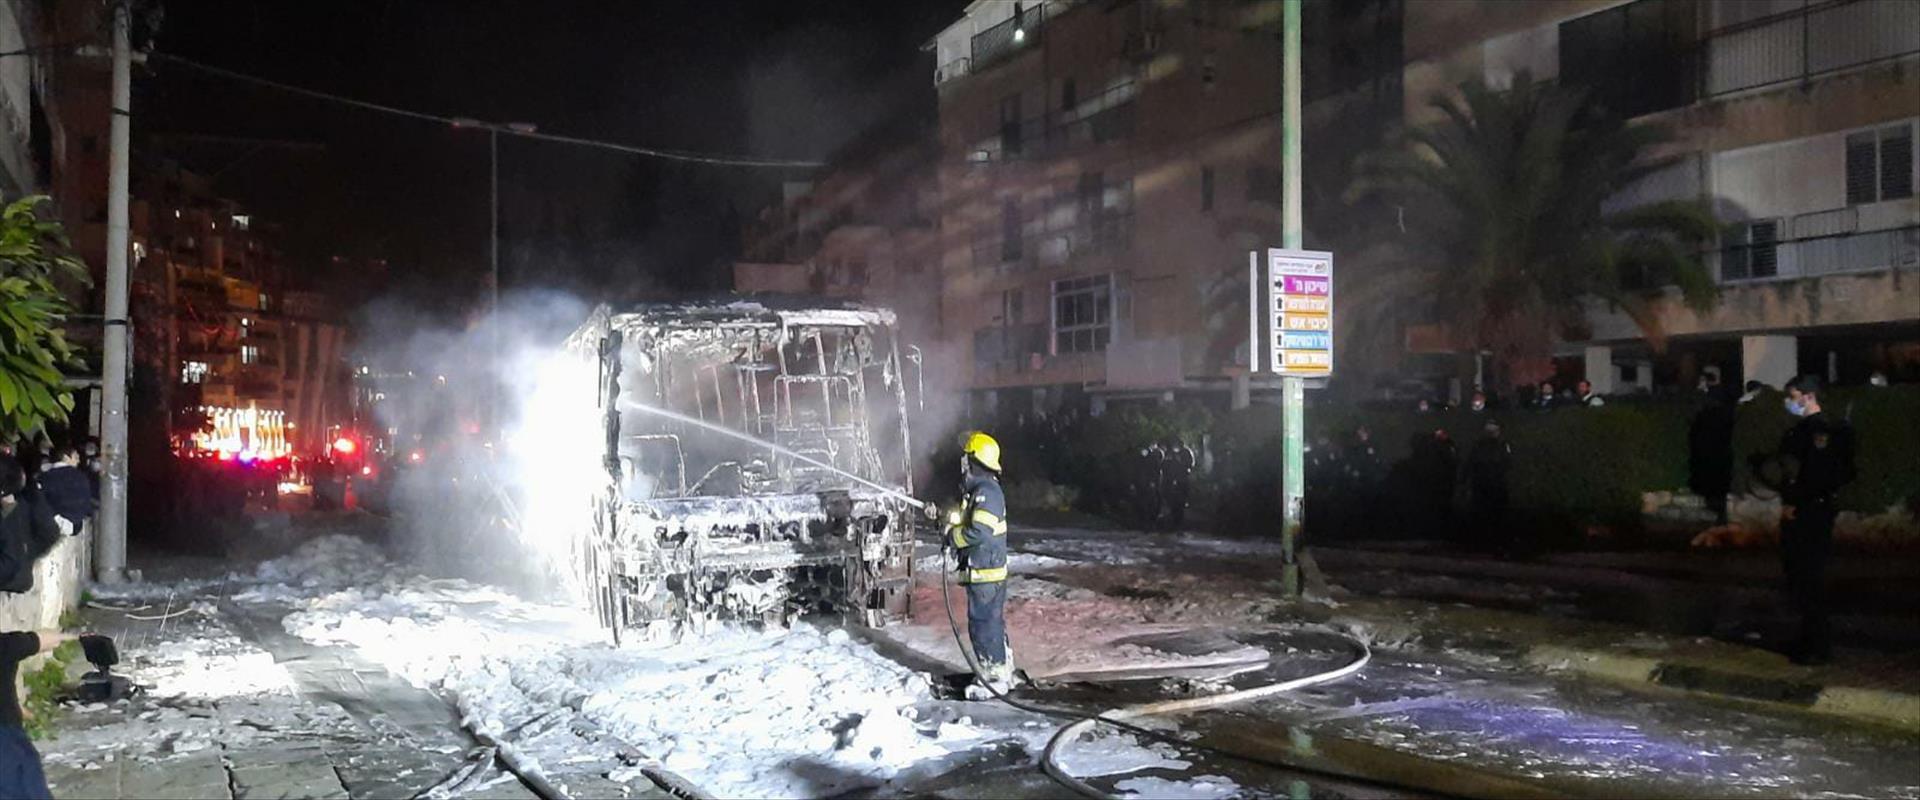 האוטובוס שנשרף בבני ברק